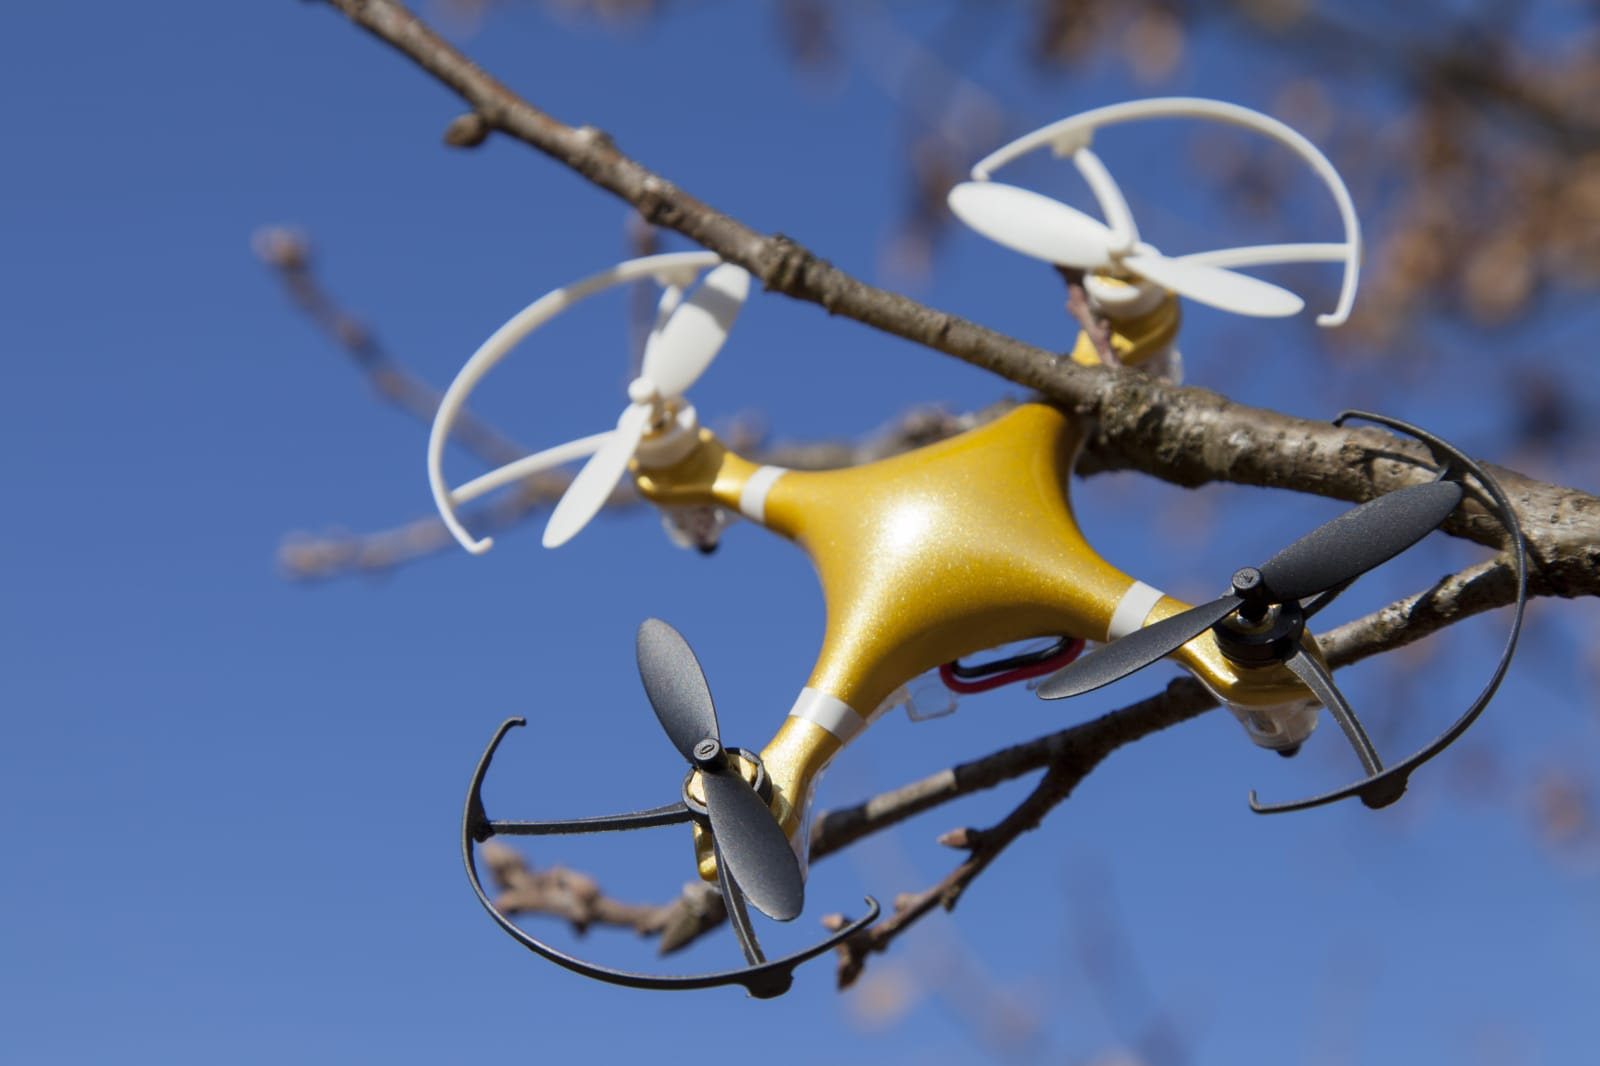 你的無人機很快就能透過雷達避免發生碰撞了